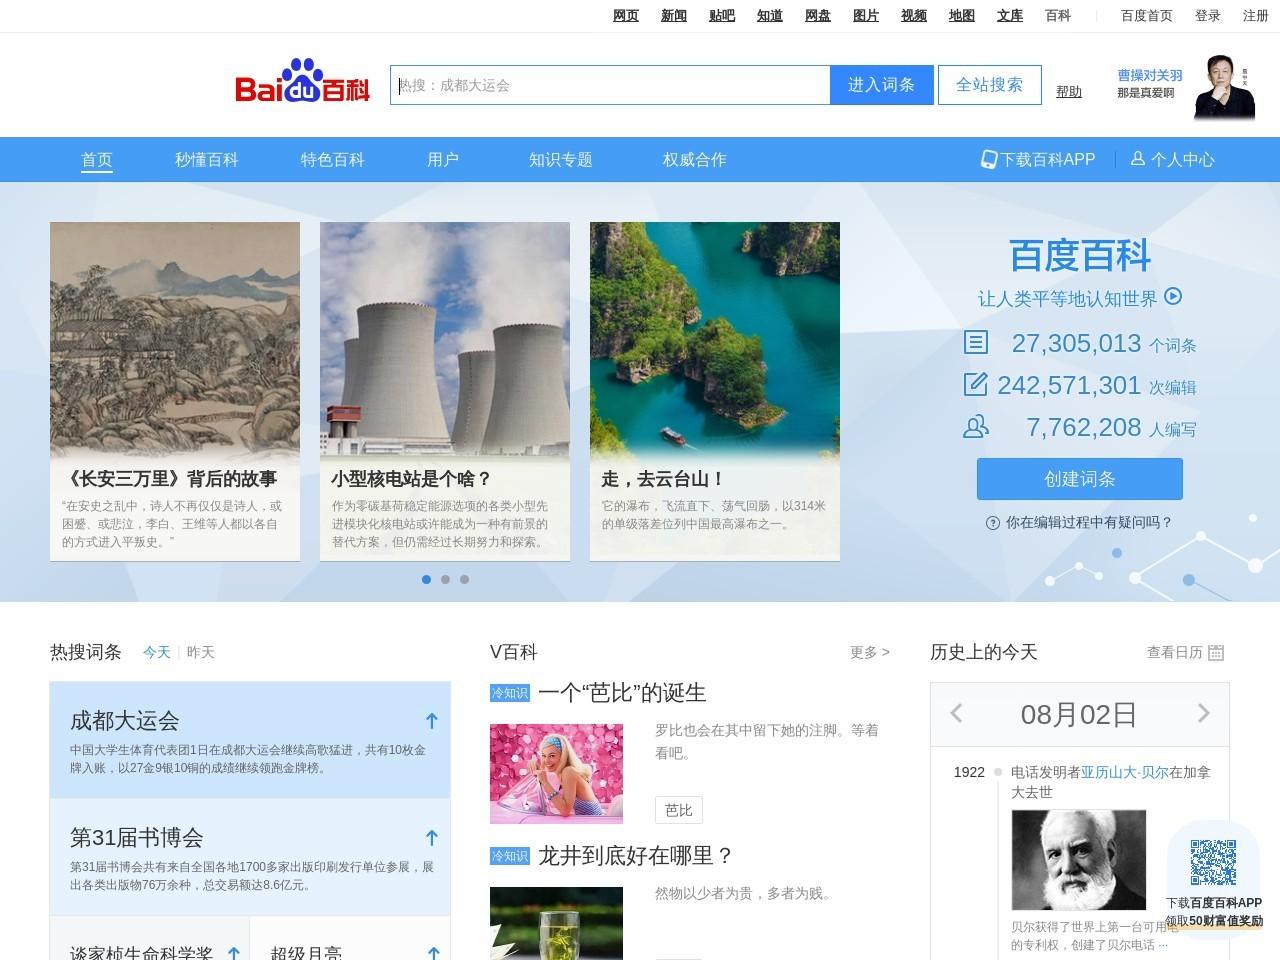 深圳市同心创业咨询有限公司